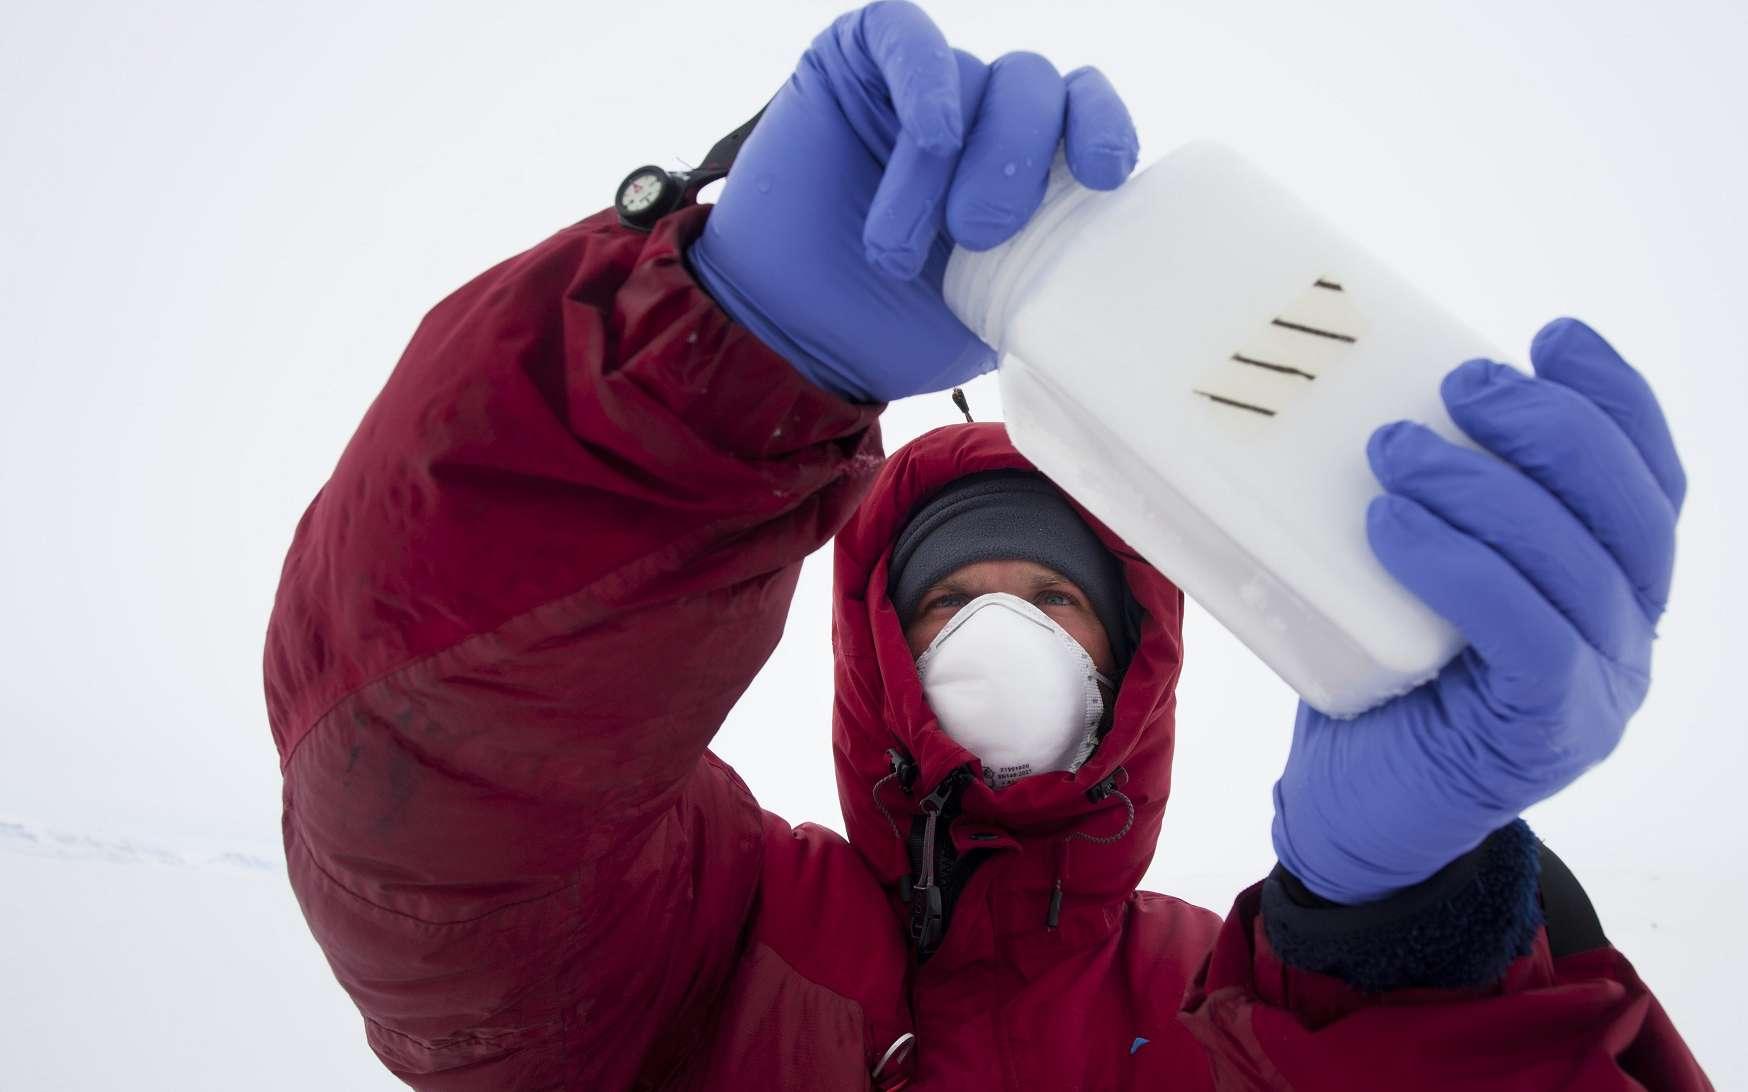 En avril 2011, Julien Cabon et Alan Le Tressoler ont mis au point leurs équipements et leurs méthodes de travail sur la banquise de la côte est du Groenland. Il s'agissait aussi d'une mission scientifique à part entière. On voit ici un prélèvement de glace qui servira à des analyses de microbiologie marine au laboratoire Ampère (CNRS). © Raphaël Demaret